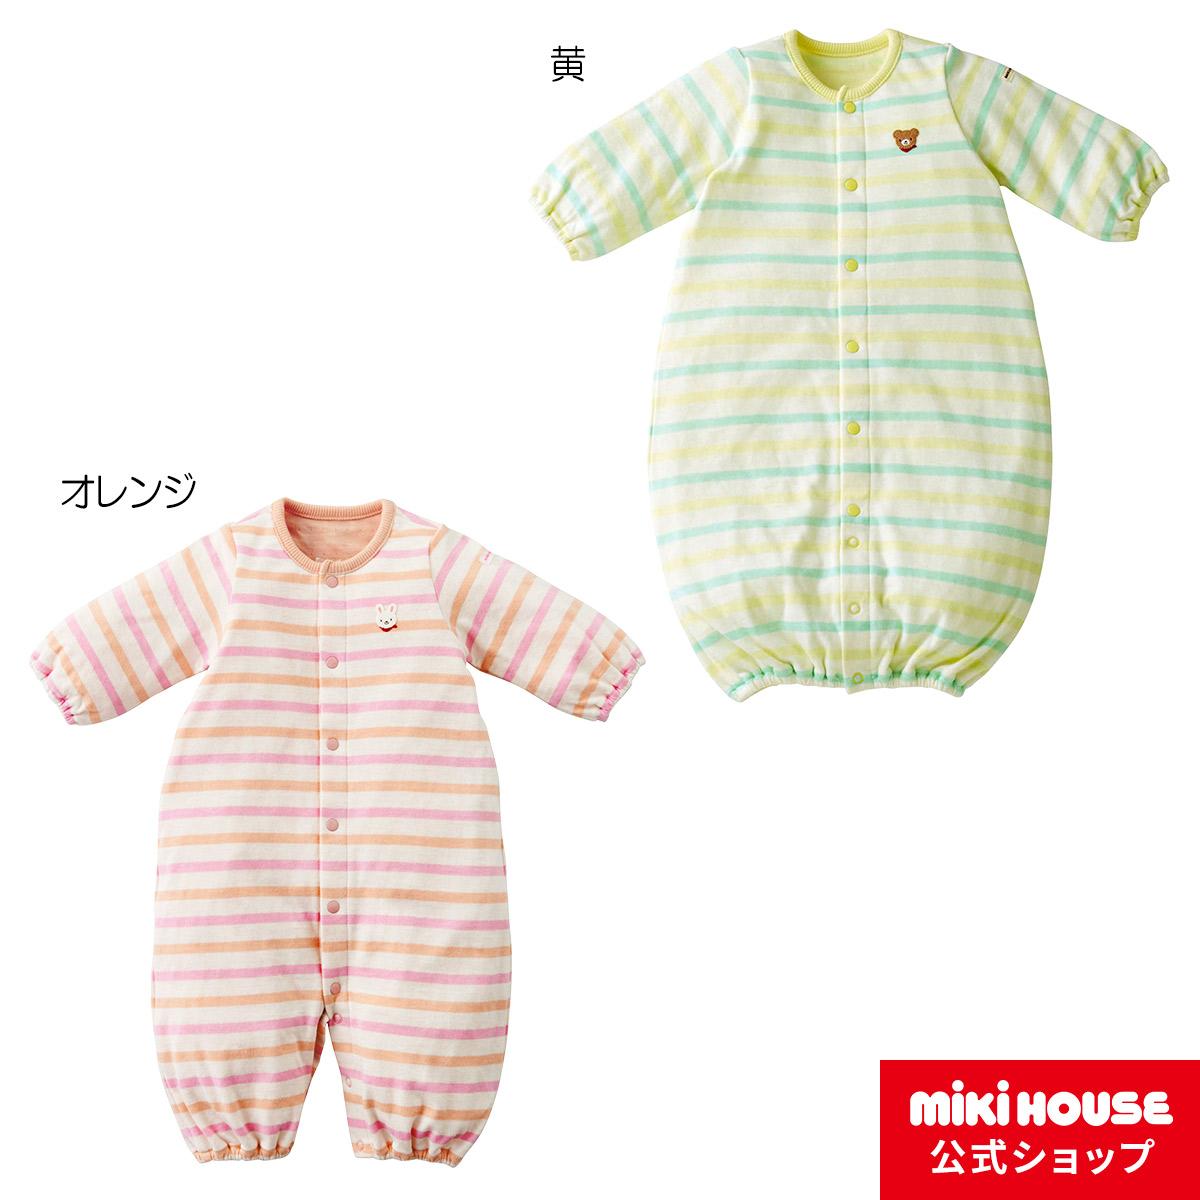 ミキハウス mikihouse パステルボーダーツーウェイオール(50cm-60cm) ベビー服 子供服 赤ちゃん 女の子 男の子 日本製